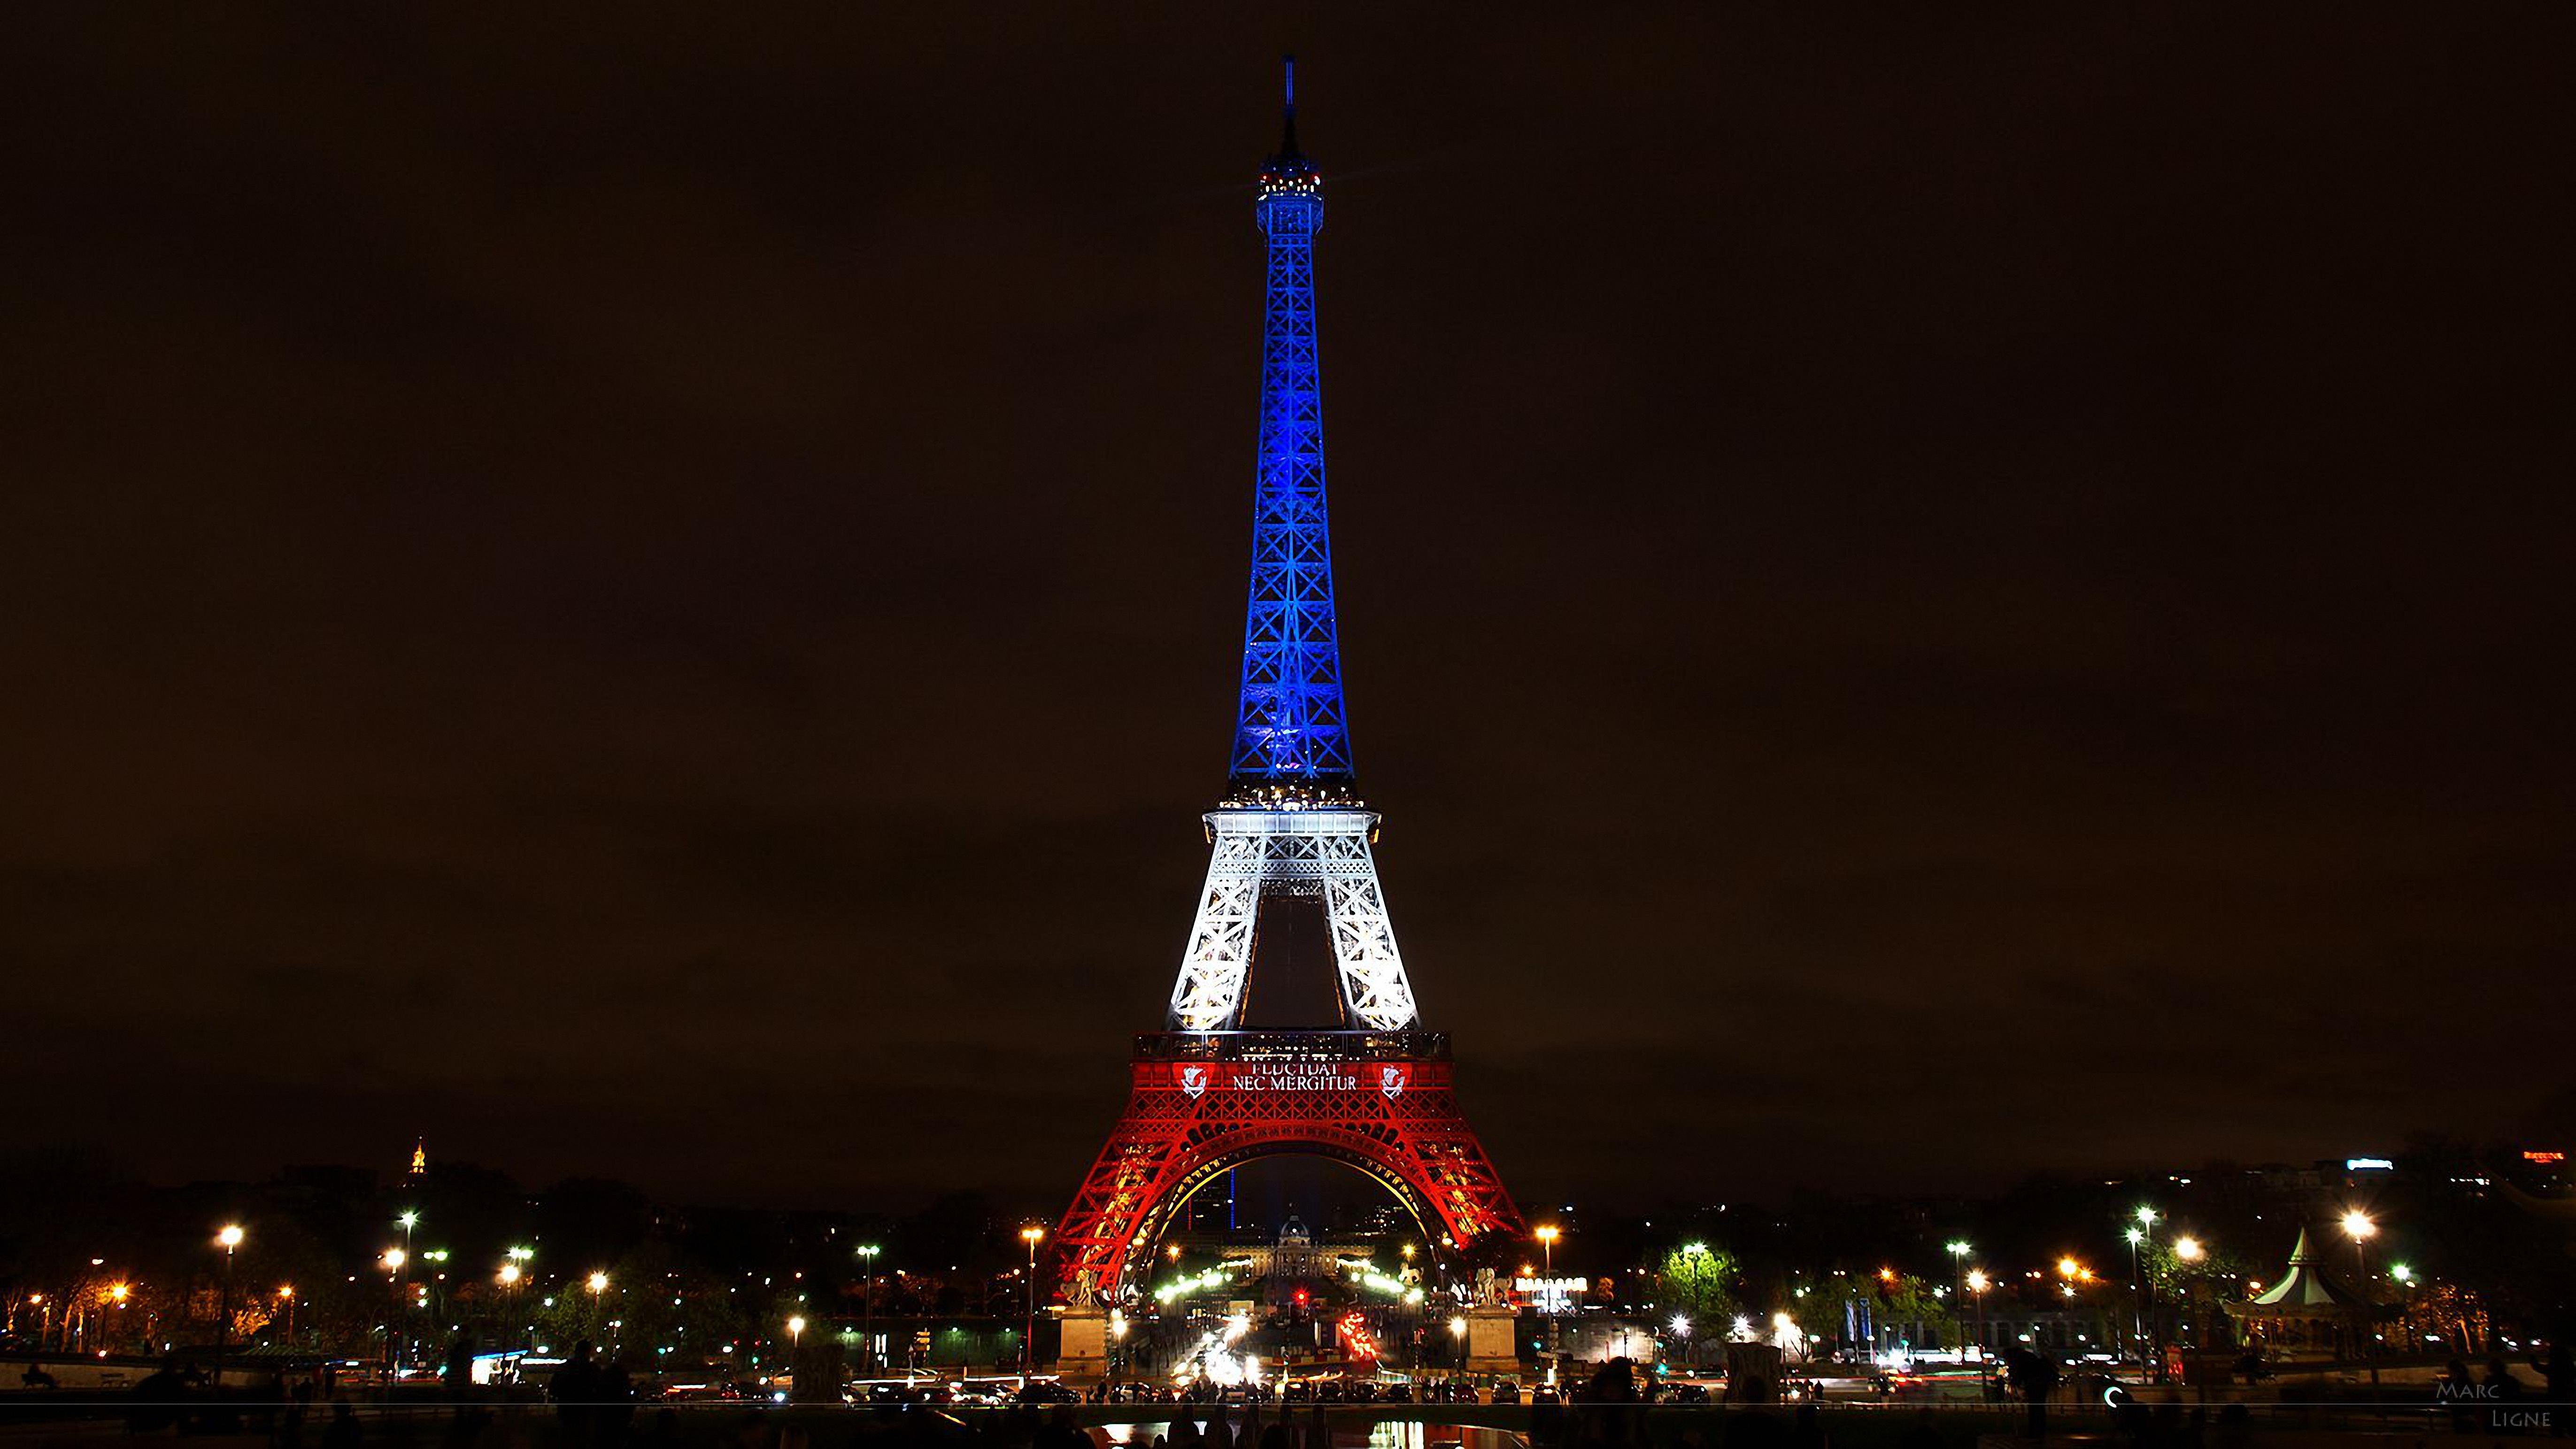 крыше обои на телефон эльфивая башня ночью жители